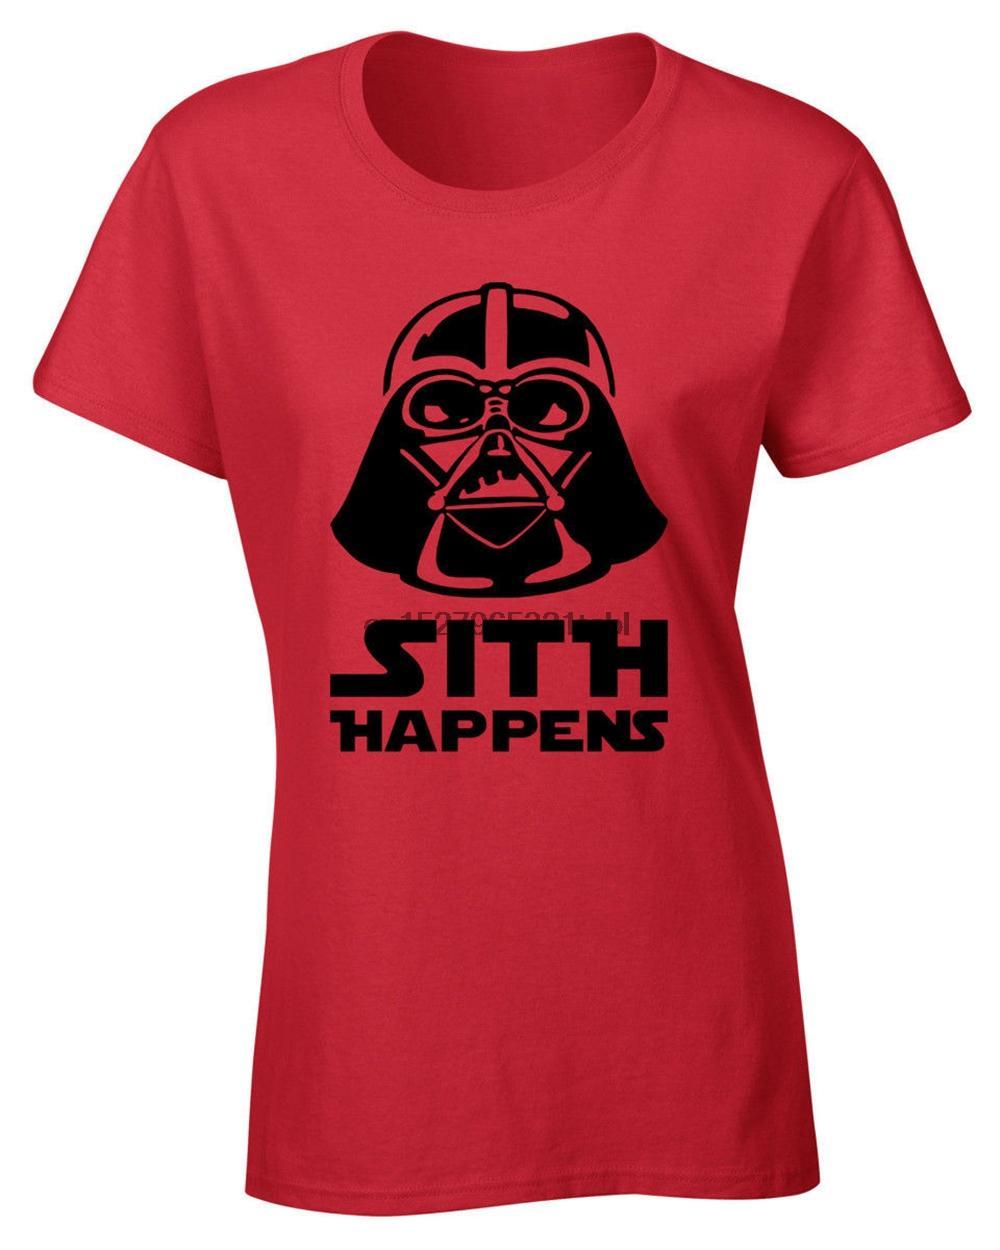 Sith Happens delle signore delle donne maglietta Stella Joke Cult Guerre novità Casual Top Vintage Graphic Tee Shirt